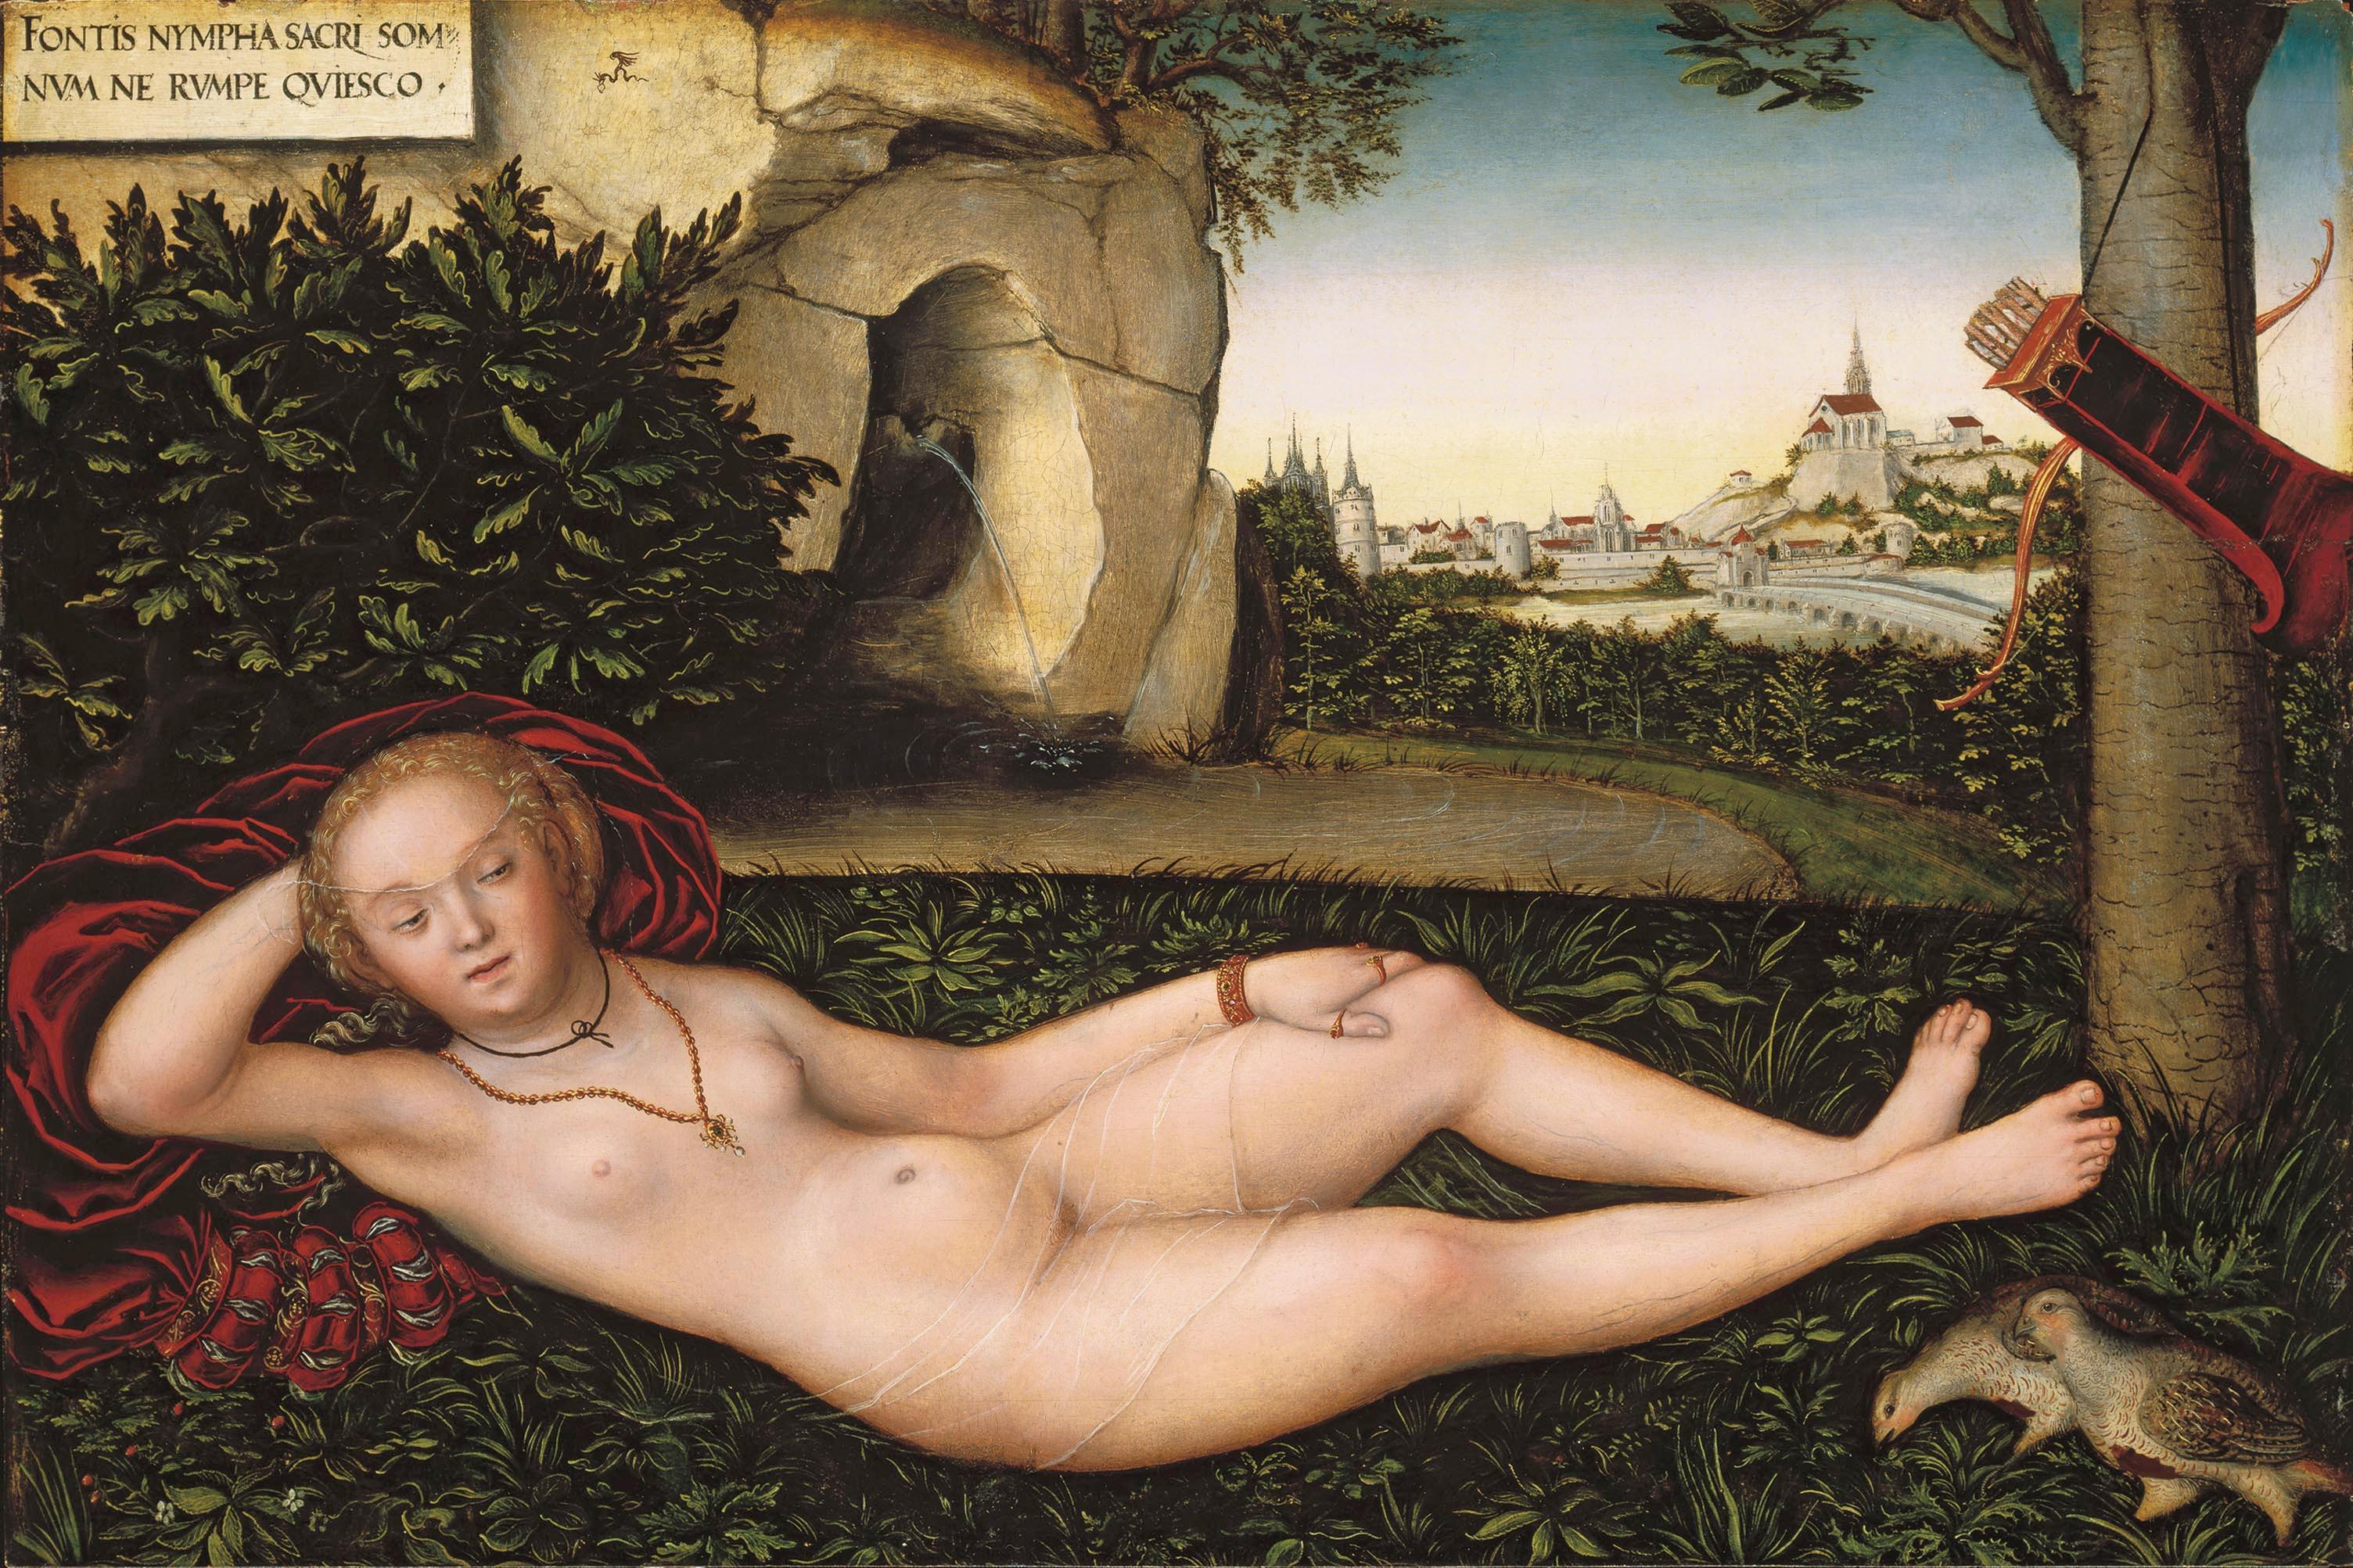 """La """"Nymphe à la source"""" de Lucas Cranach l'Ancien et son fameux voile transparent."""